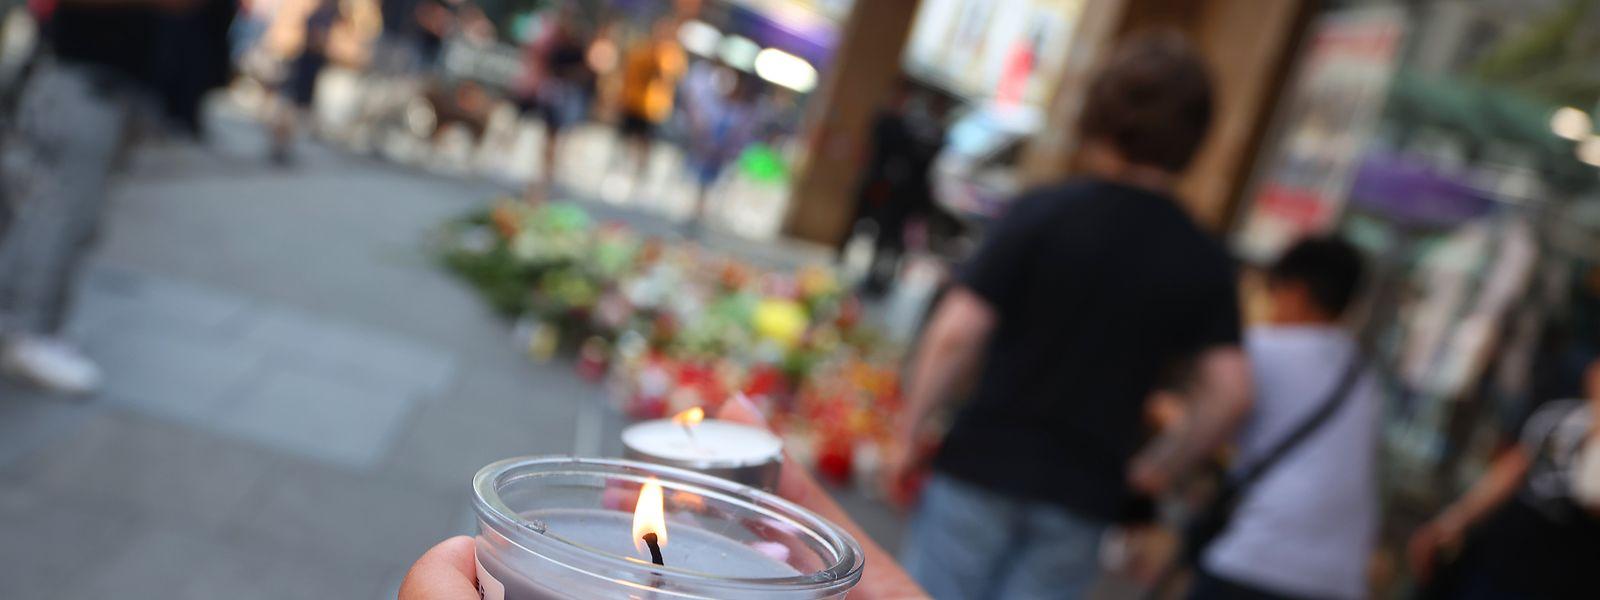 Vor dem Kaufhaus in der Würzburger Innenstadt haben Bürger Kerzen zur Erinnerung an die Opfer aufgestellt.